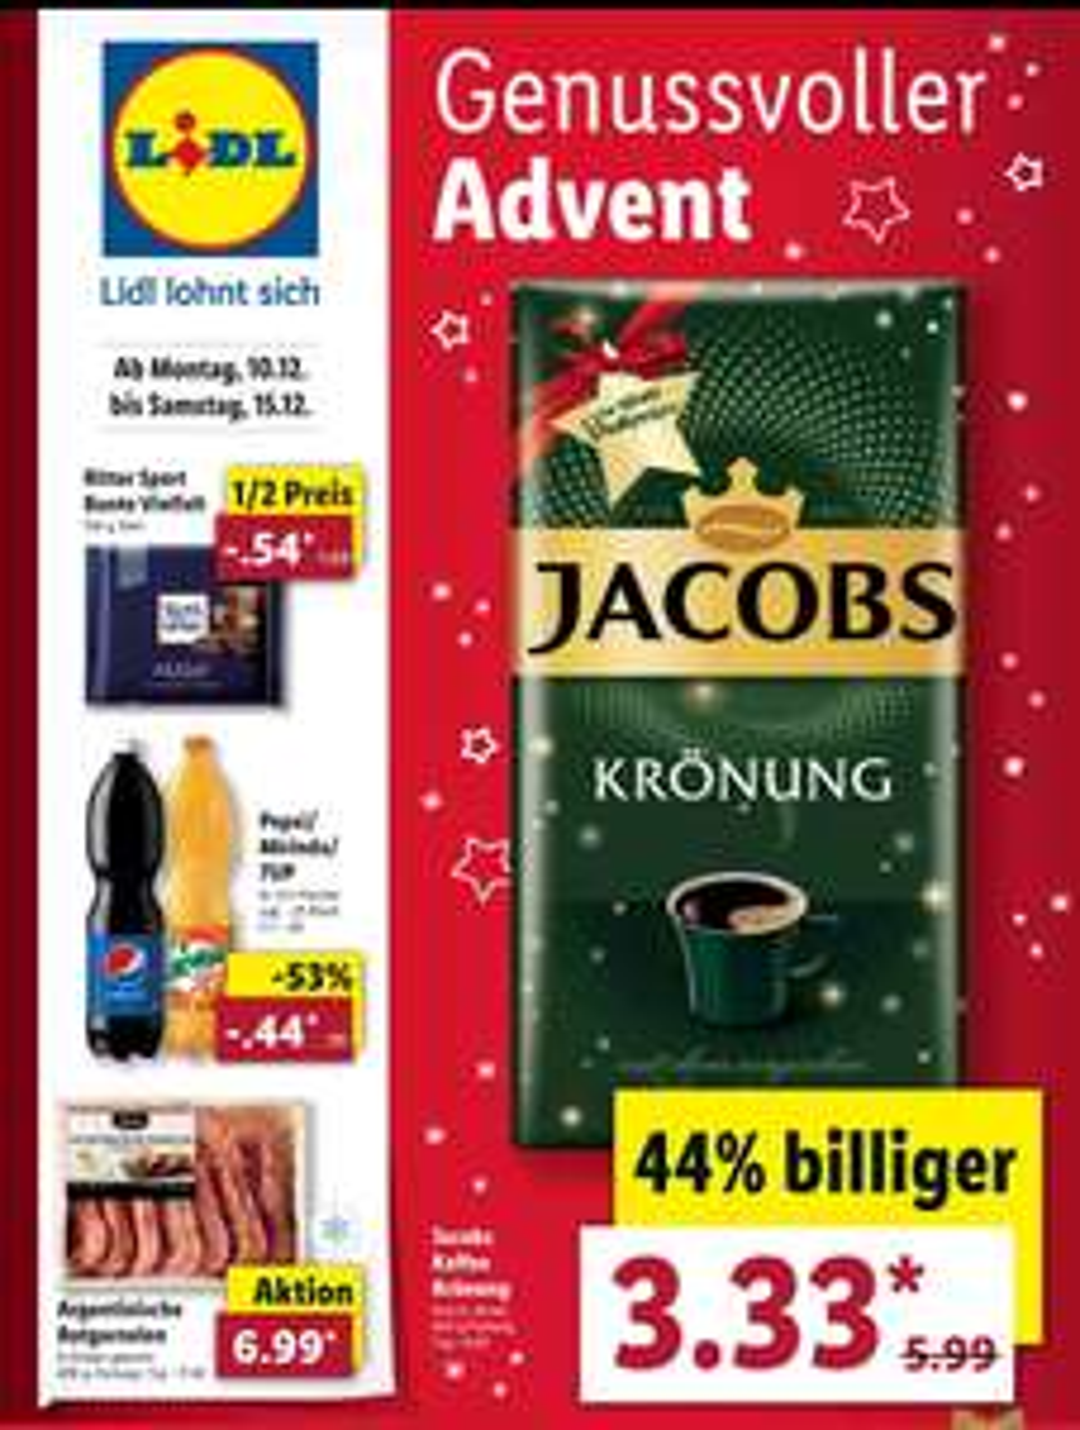 Lidl Jacobs Kaffee Krönung 500g Packung für 3,33€ | Ritter Sport Bunte Vielfalt 100g für 0,54€ vom 10.12-15.12.18